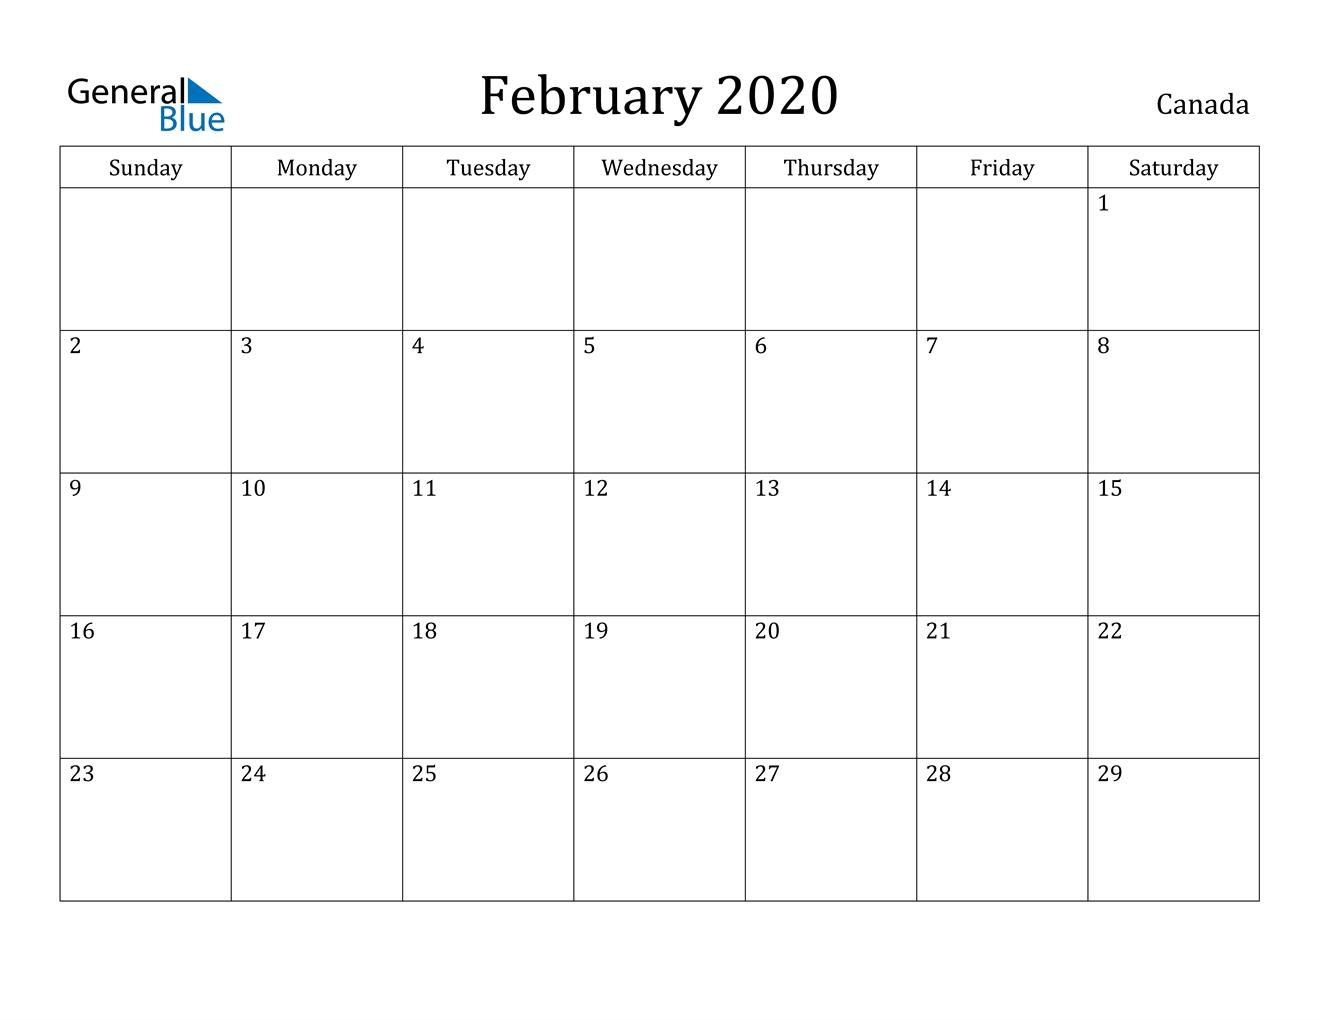 February 2020 Calendar - Canada  February 2020 Calendar